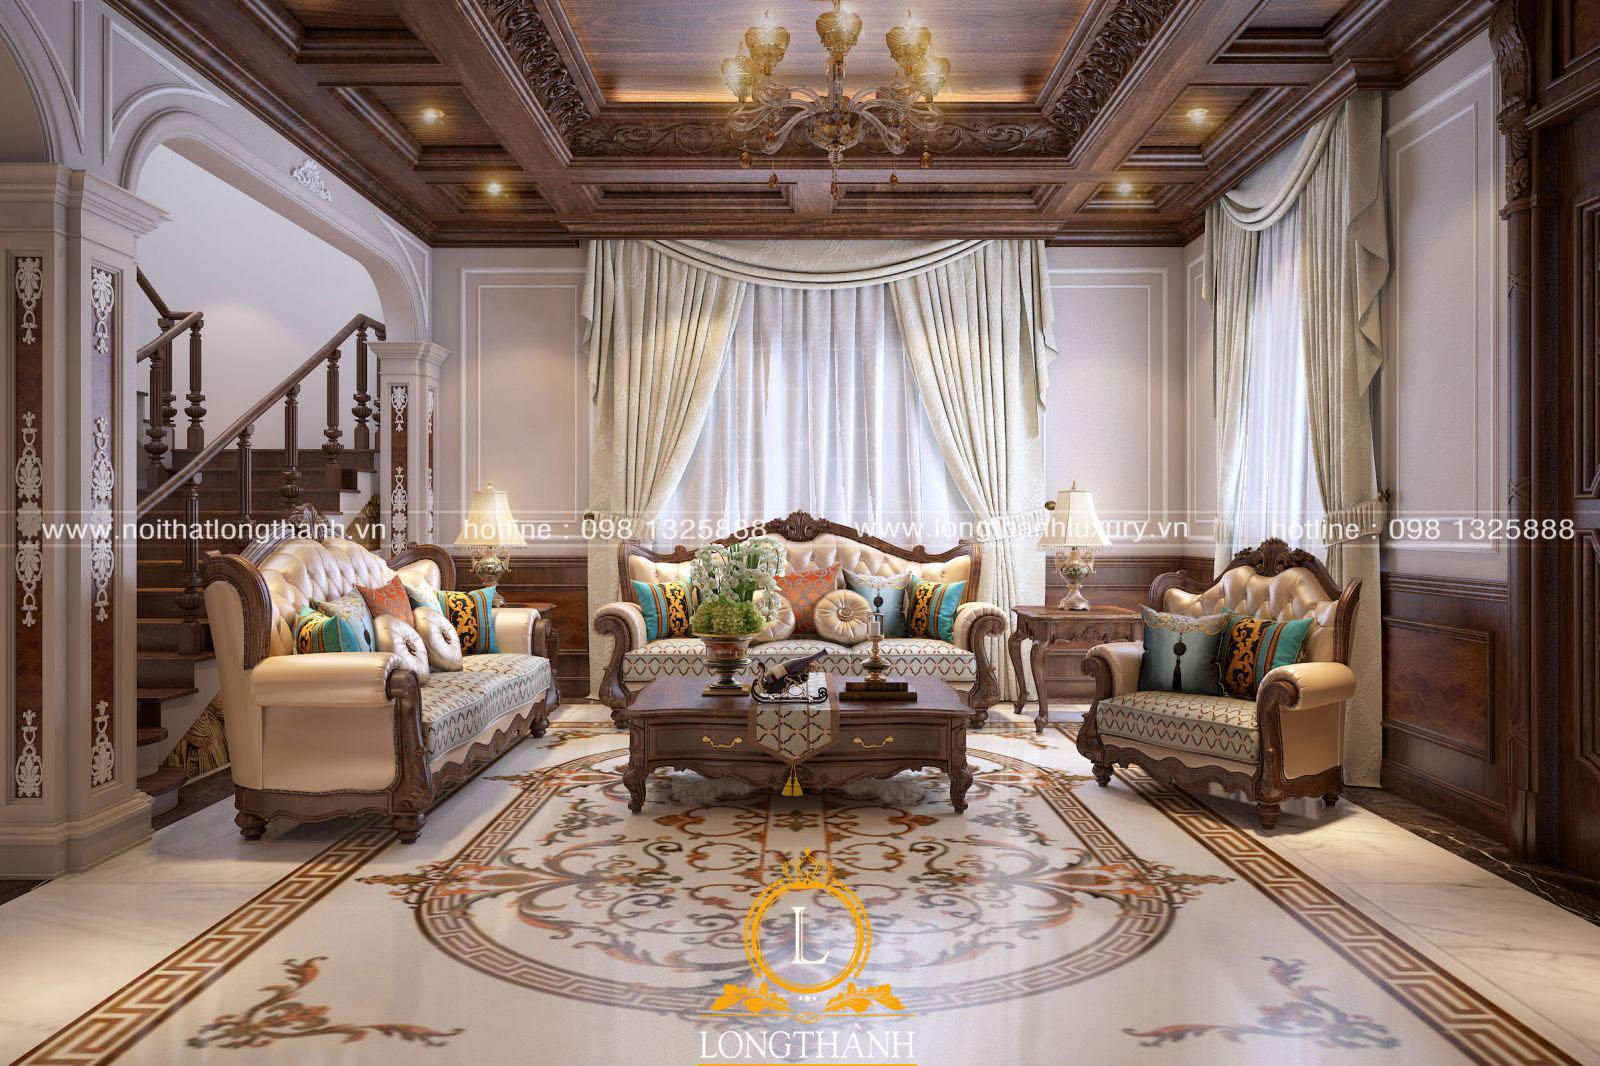 Mẫu Sofa tân cổ điển mang phong cách quý tộc Châu Âu